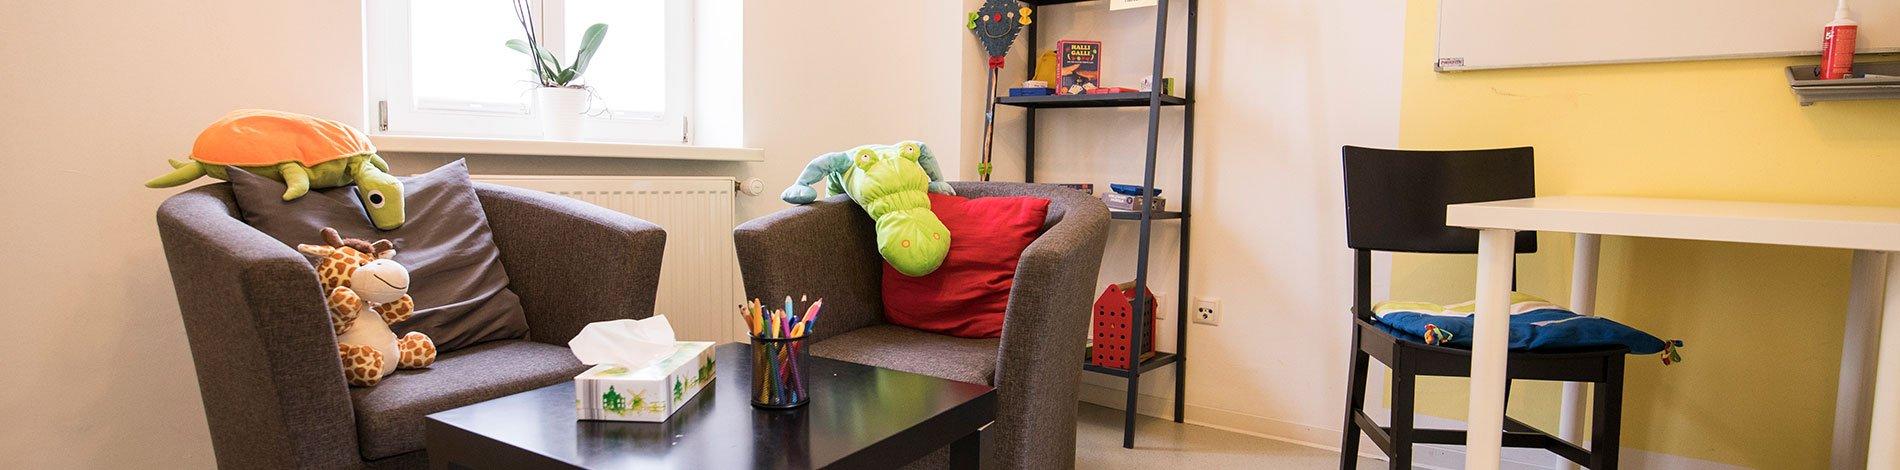 Ausbildung Zum Kinder Und Jugendpsychotherapeuten